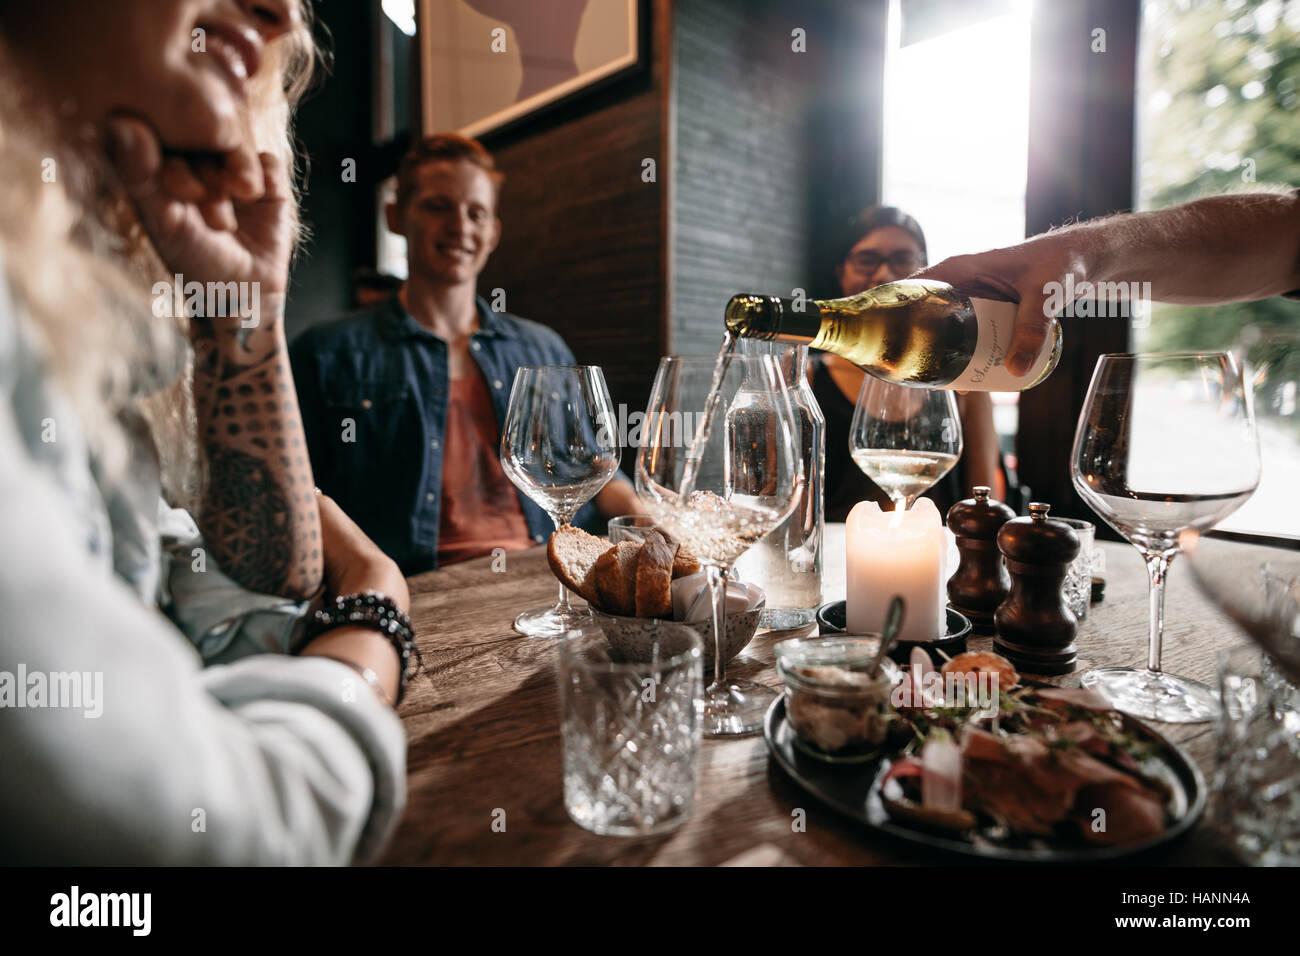 Hombre echando mano de la botella de vino blanco en copas con los amigos sentados alrededor de la mesa. Grupo de Imagen De Stock